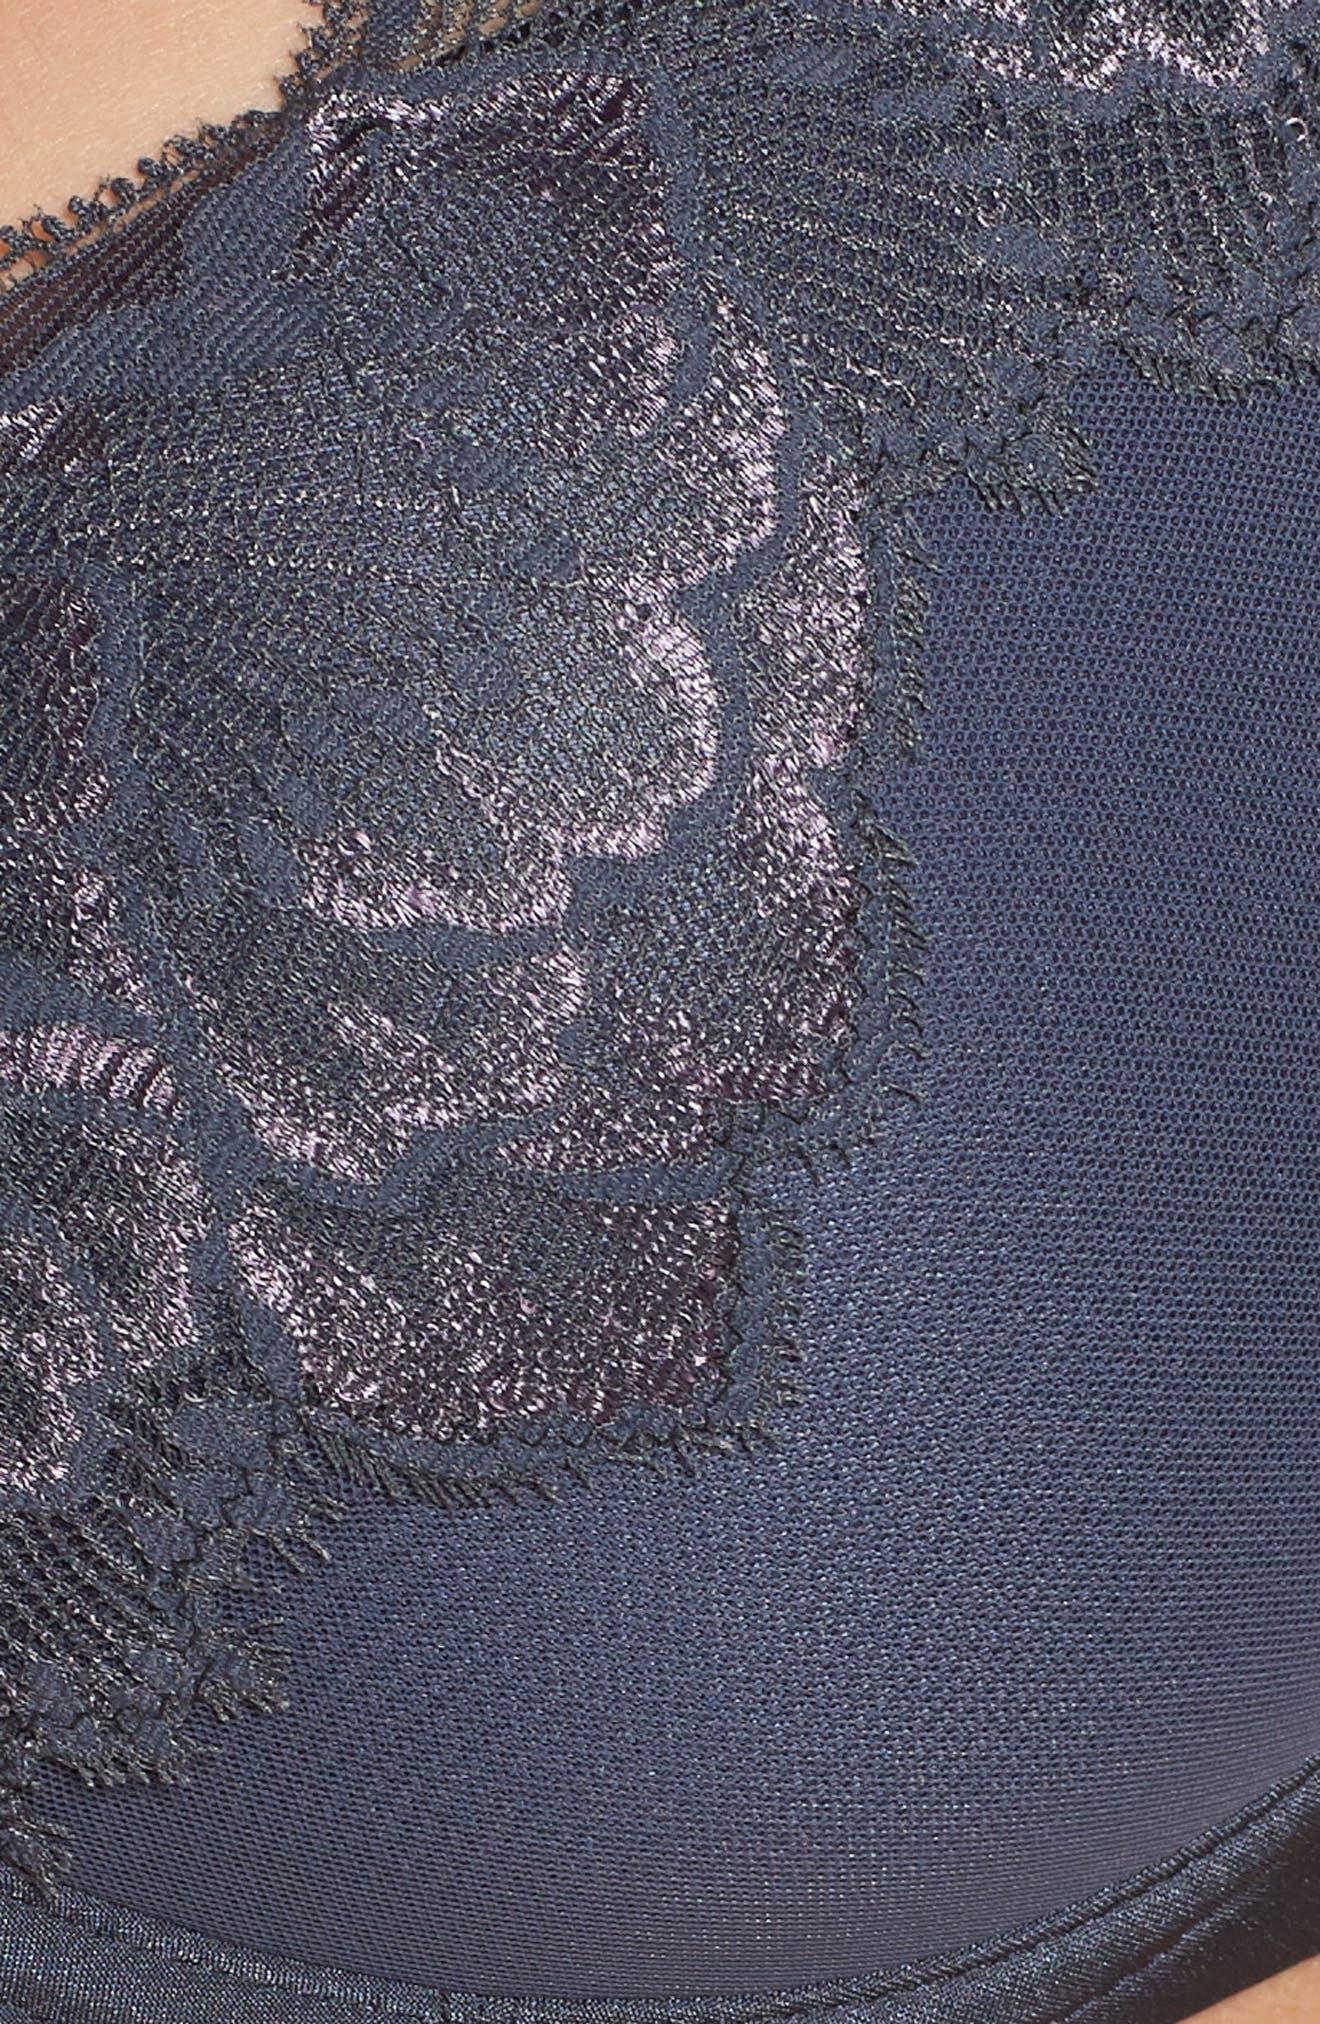 Orangerie Lace Underwire Plunge Bra,                             Alternate thumbnail 27, color,